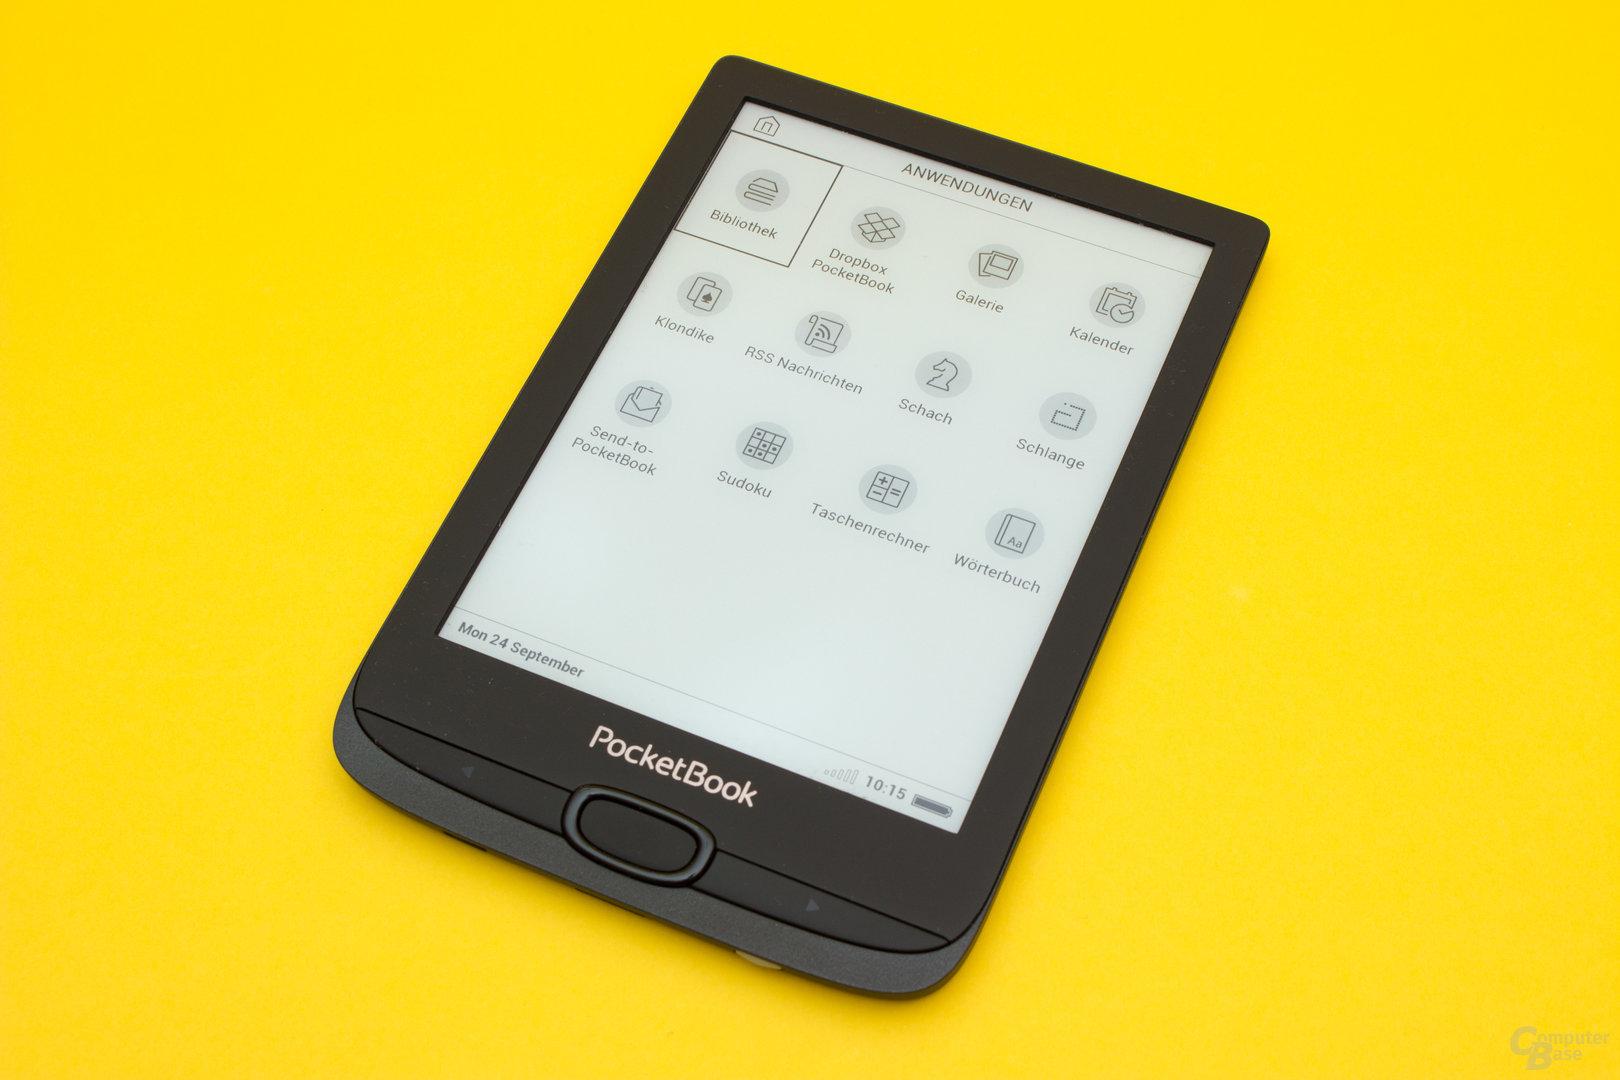 Der PocketBook Basic Lux 2 beherbergt eine große Anzahl zusätzlicher Tools